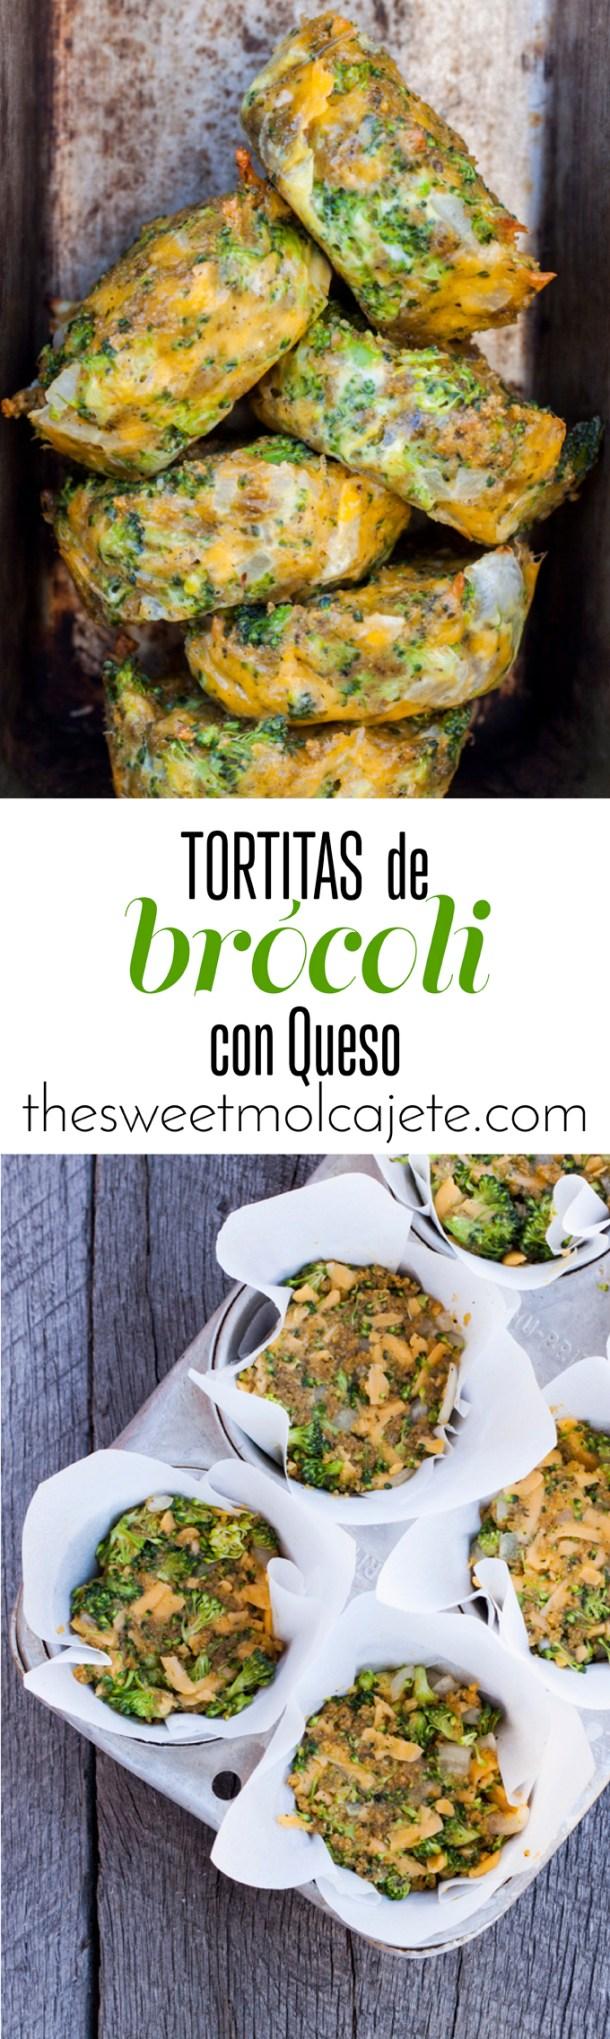 Éstas deliciosas y nutritivas tortitas de brócoli con queso cheddar son una excelente opción para el lunch o snack de los niños (o los adultos). Se pueden hacer al horno o guisadas en un poco de aceite, de cualquier forma son riquísimas.